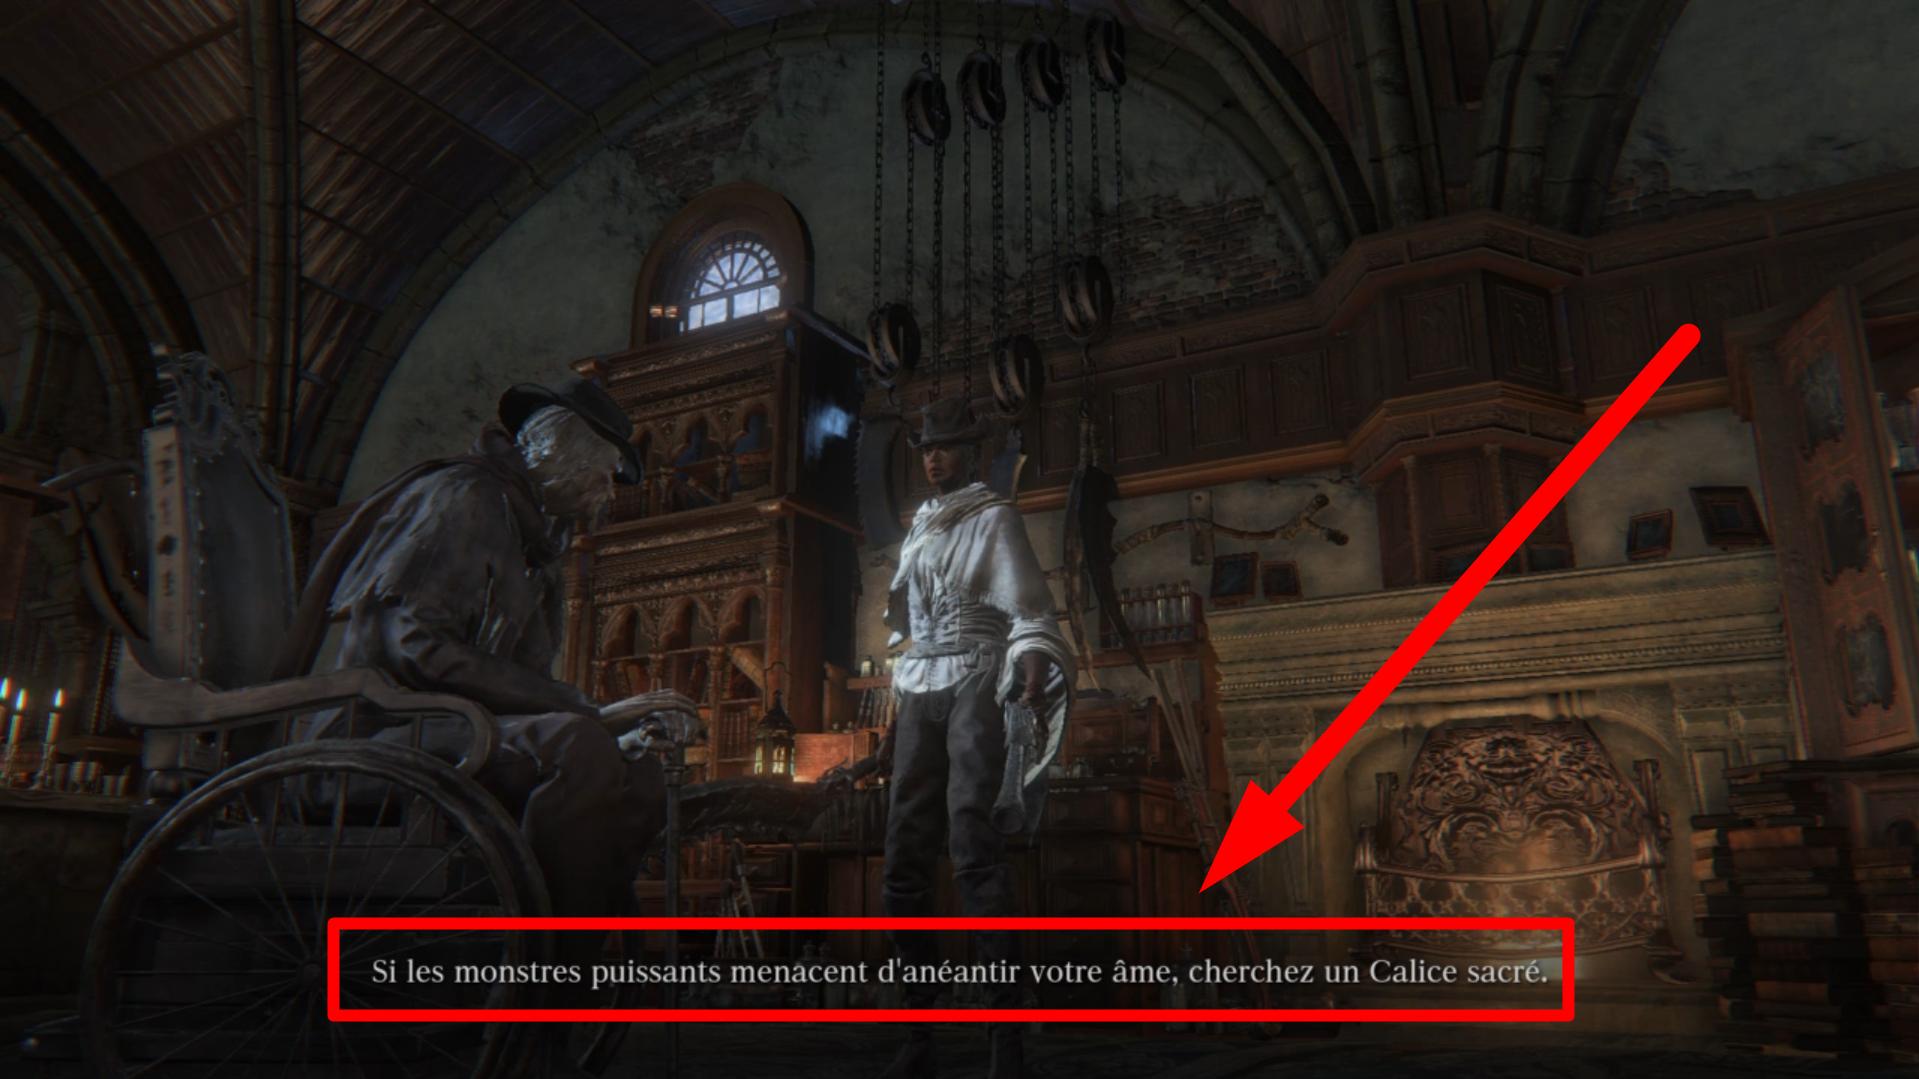 Dans Bloodborne, Gehrman lui-même vous suggère de vous rendre dans les donjons, si les mobs de la trame d e base vous posent problème. Ecoutez ses conseils et votre build vous remerciera.